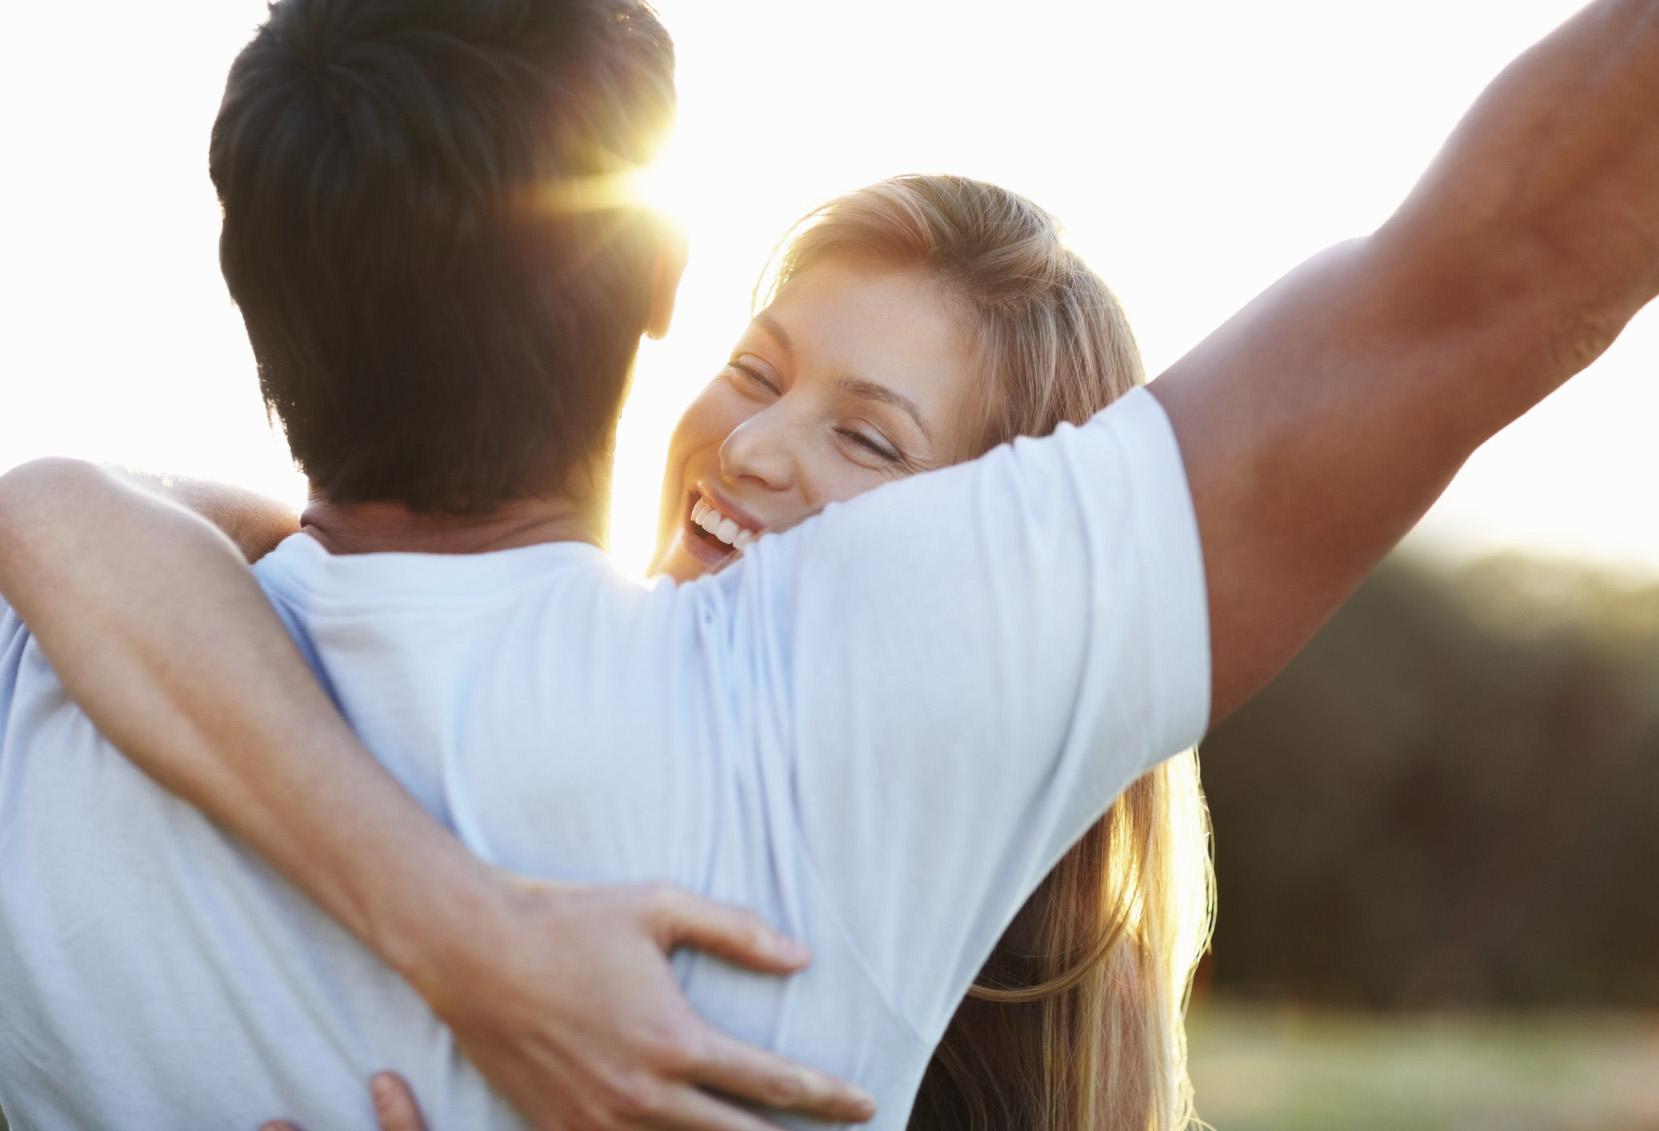 10 etape prin care trece orice relație de cuplu